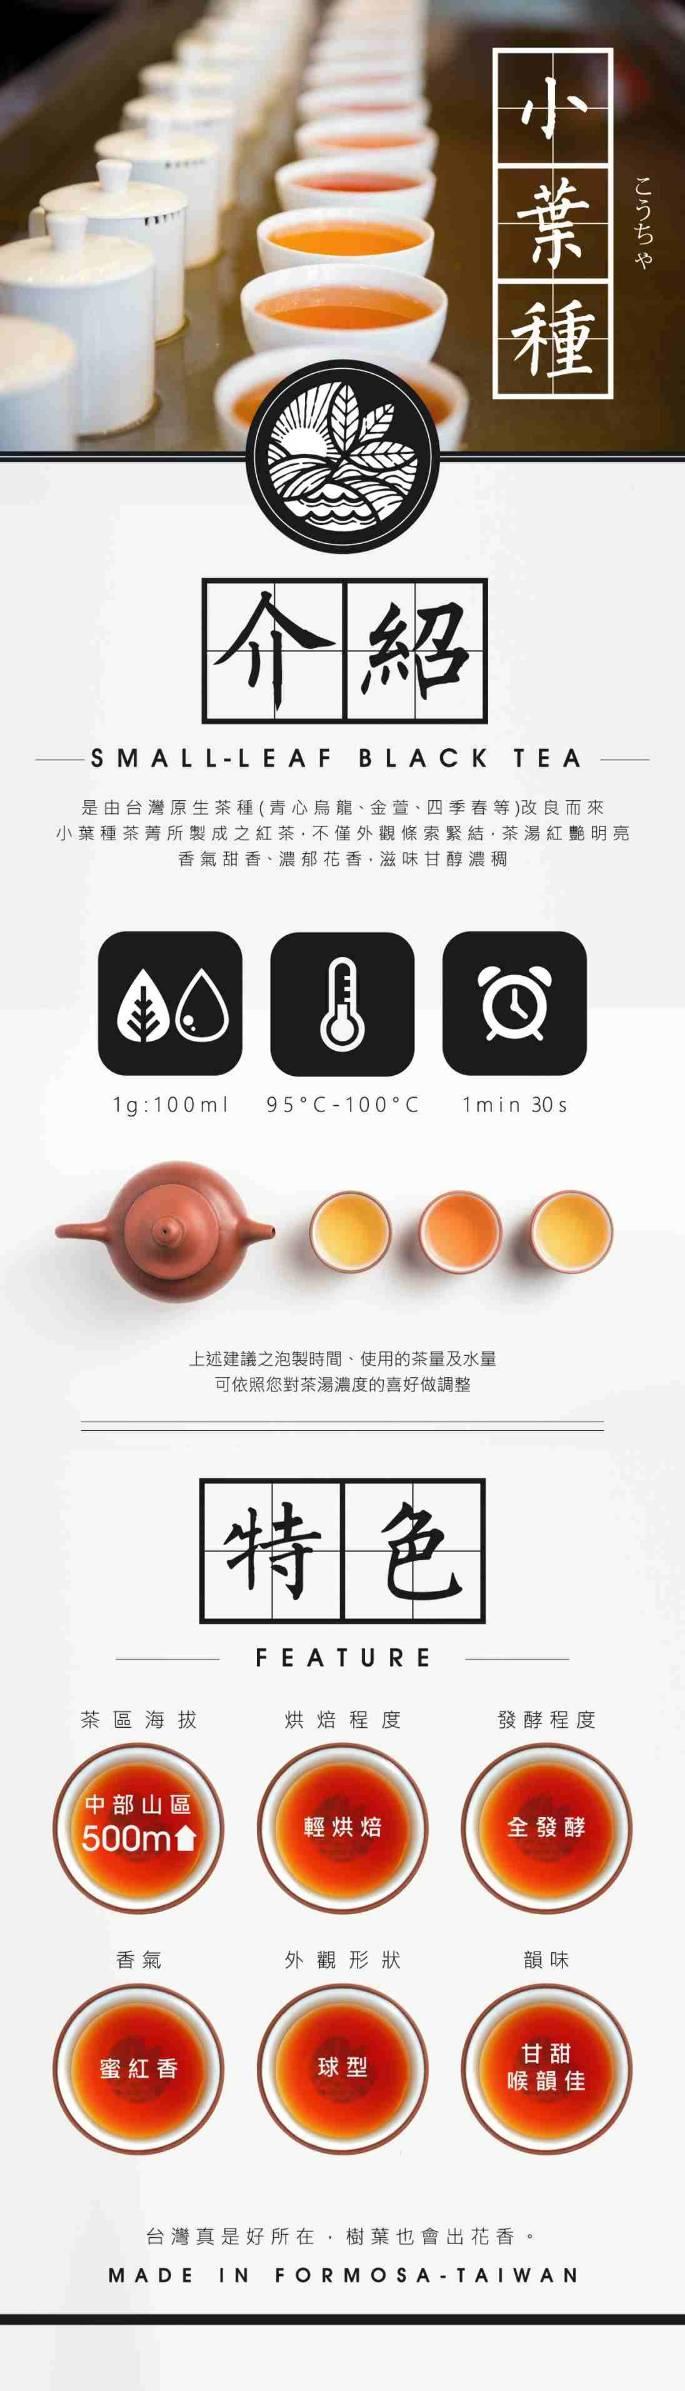 (複製)魏氏茶業WEIS' TEA【紅烏龍】75克 / RED OOLONG TEA